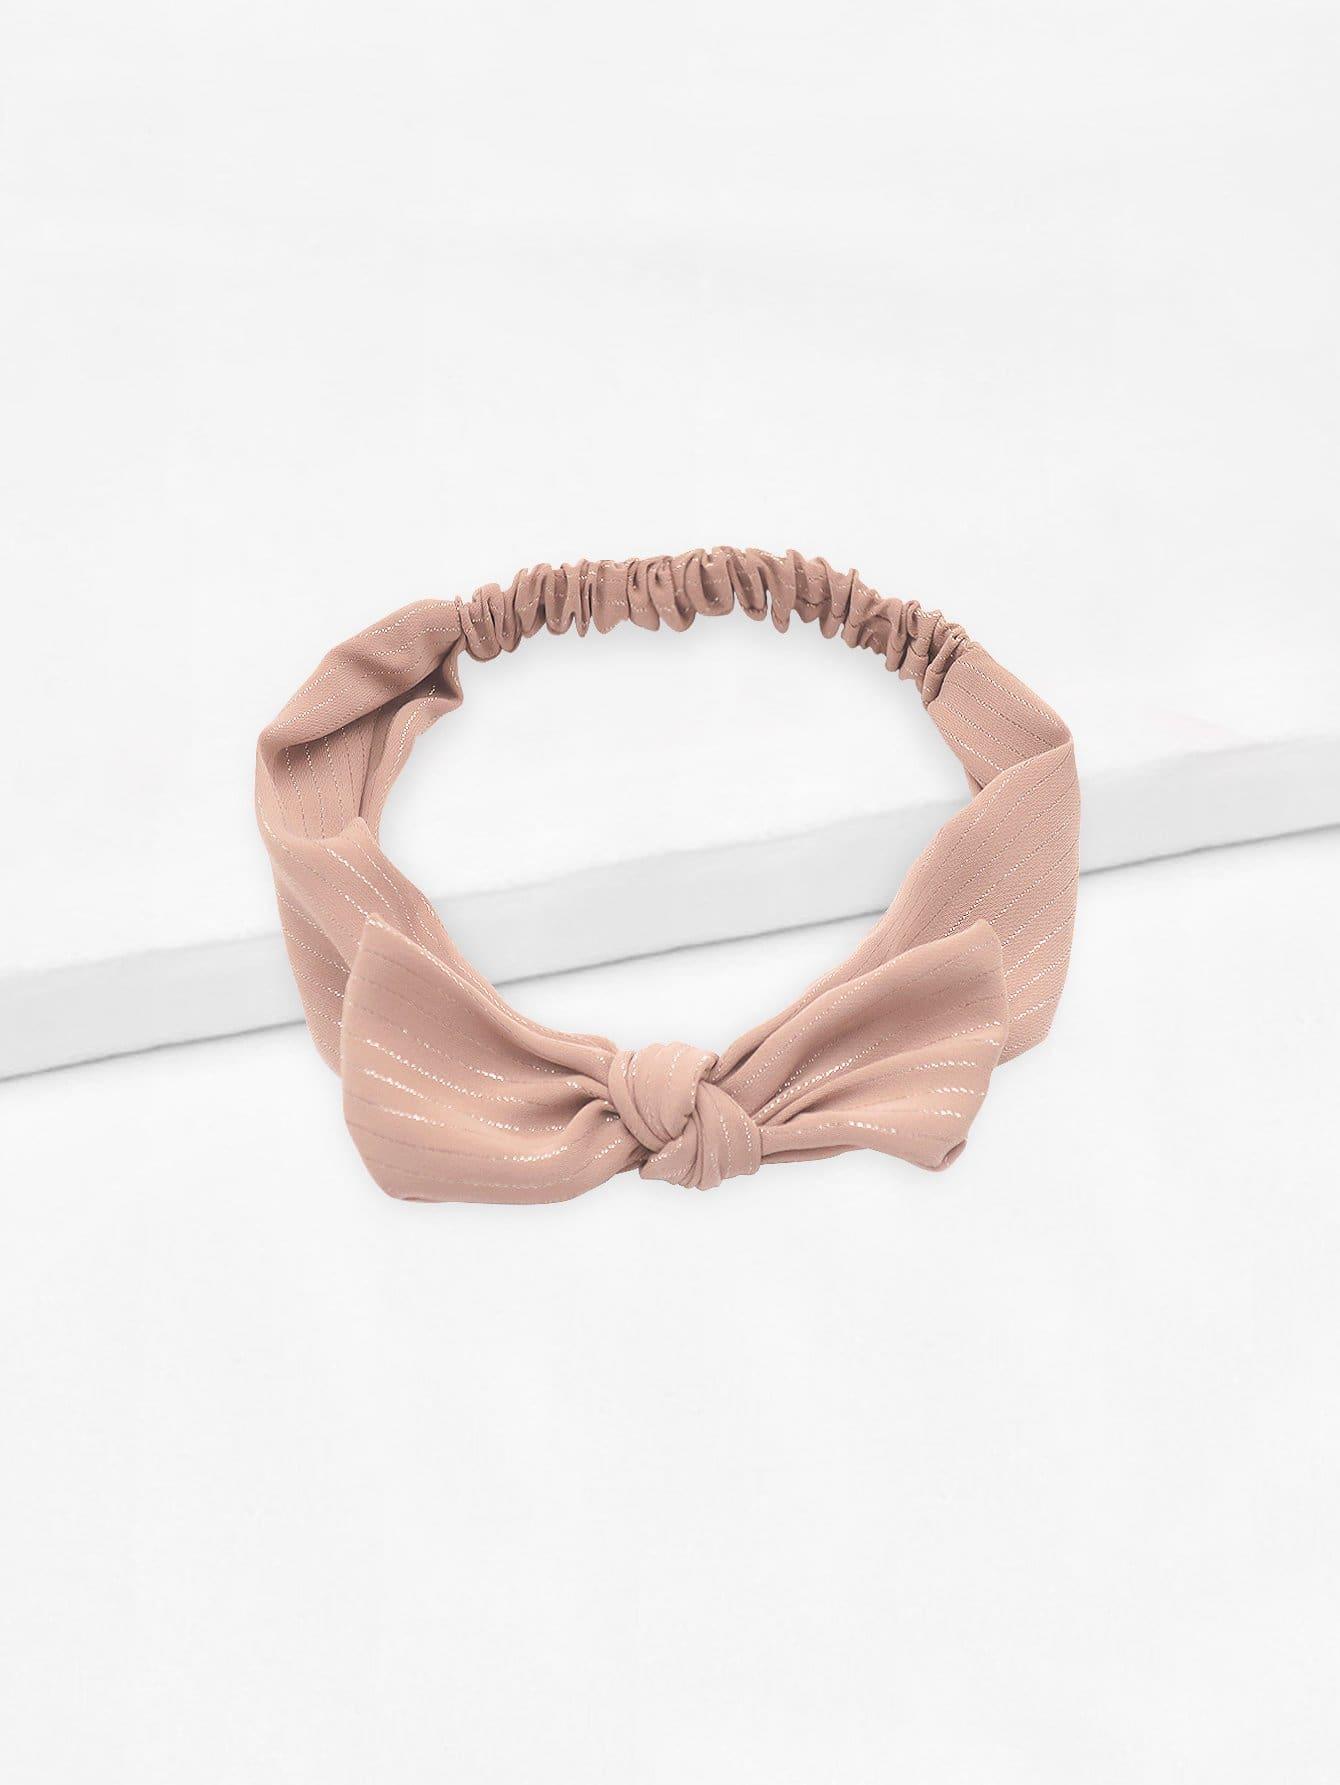 Bow Knot Striped Headband